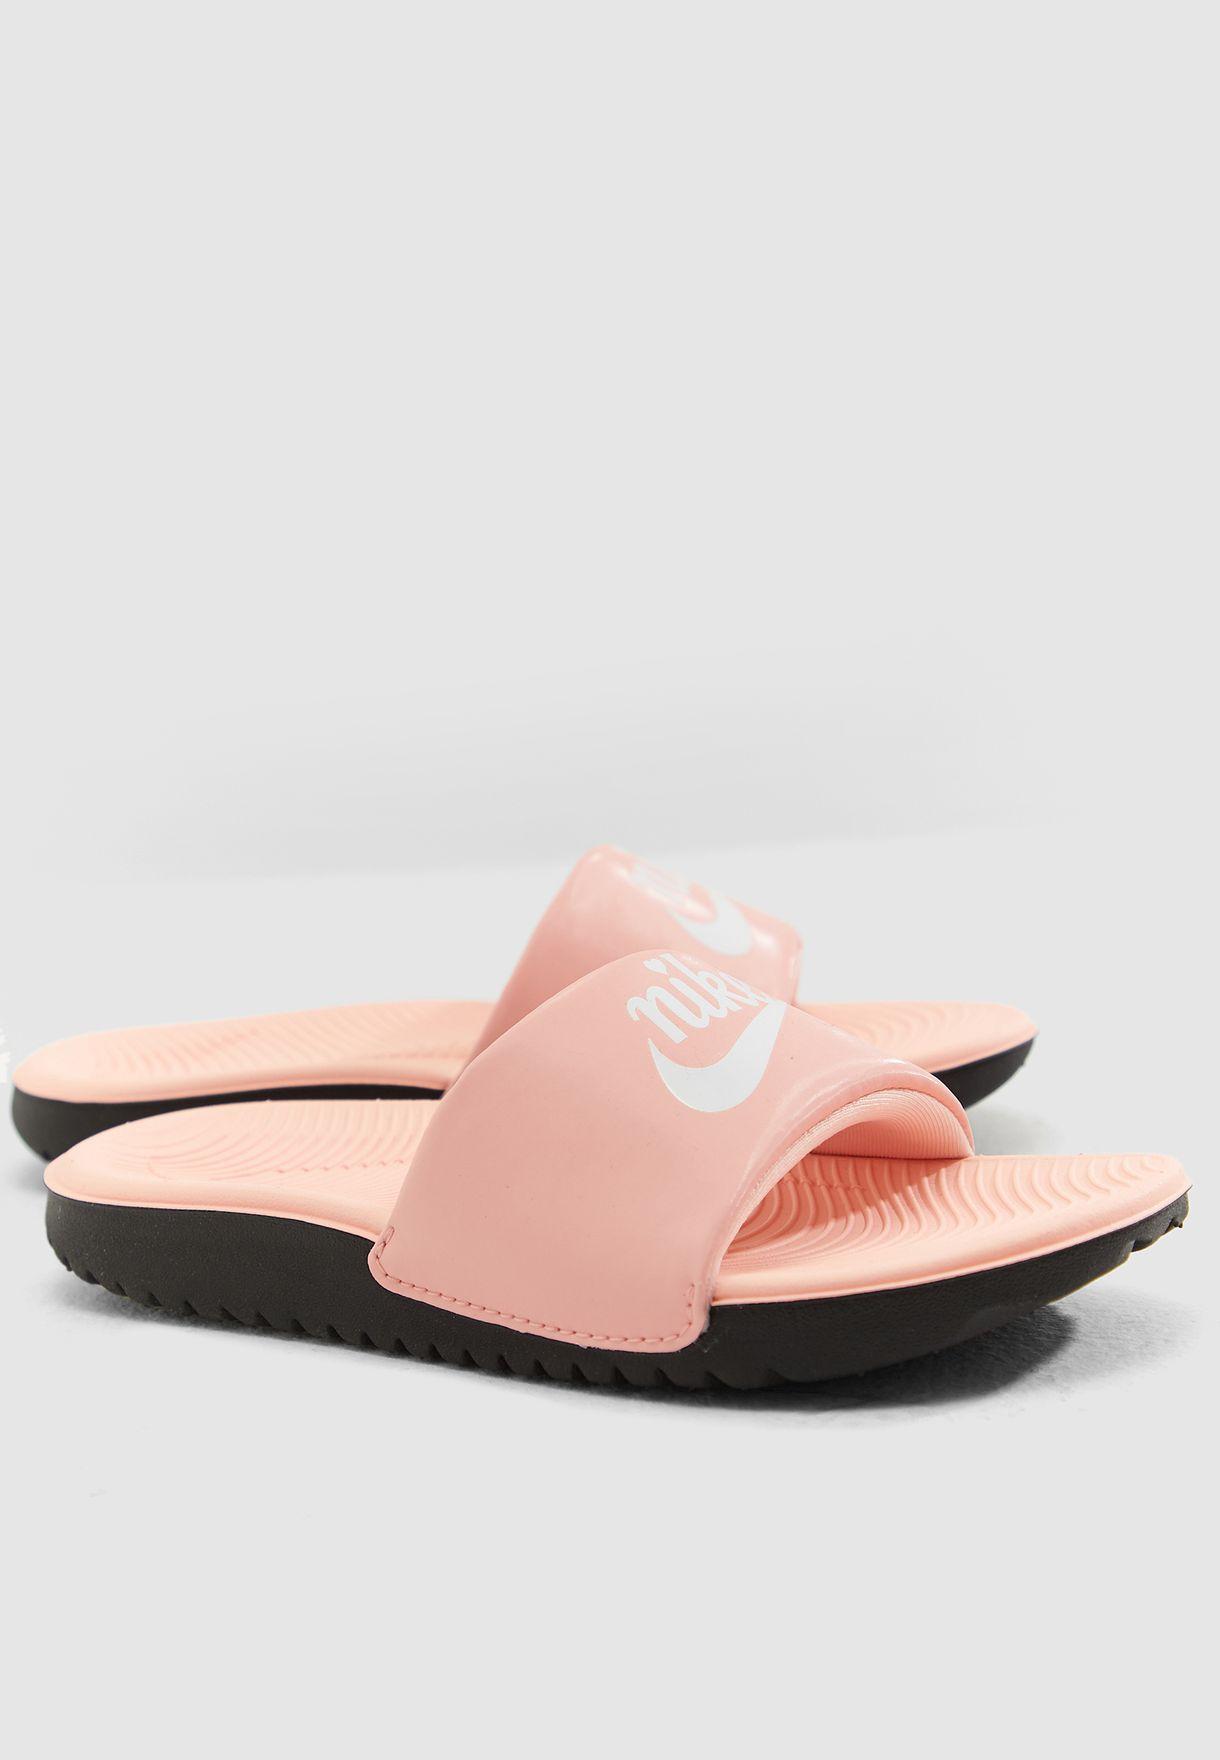 55201efcc229 Shop Nike pink Kids Kawa Slide Vday BQ7427-600 for Kids in UAE ...